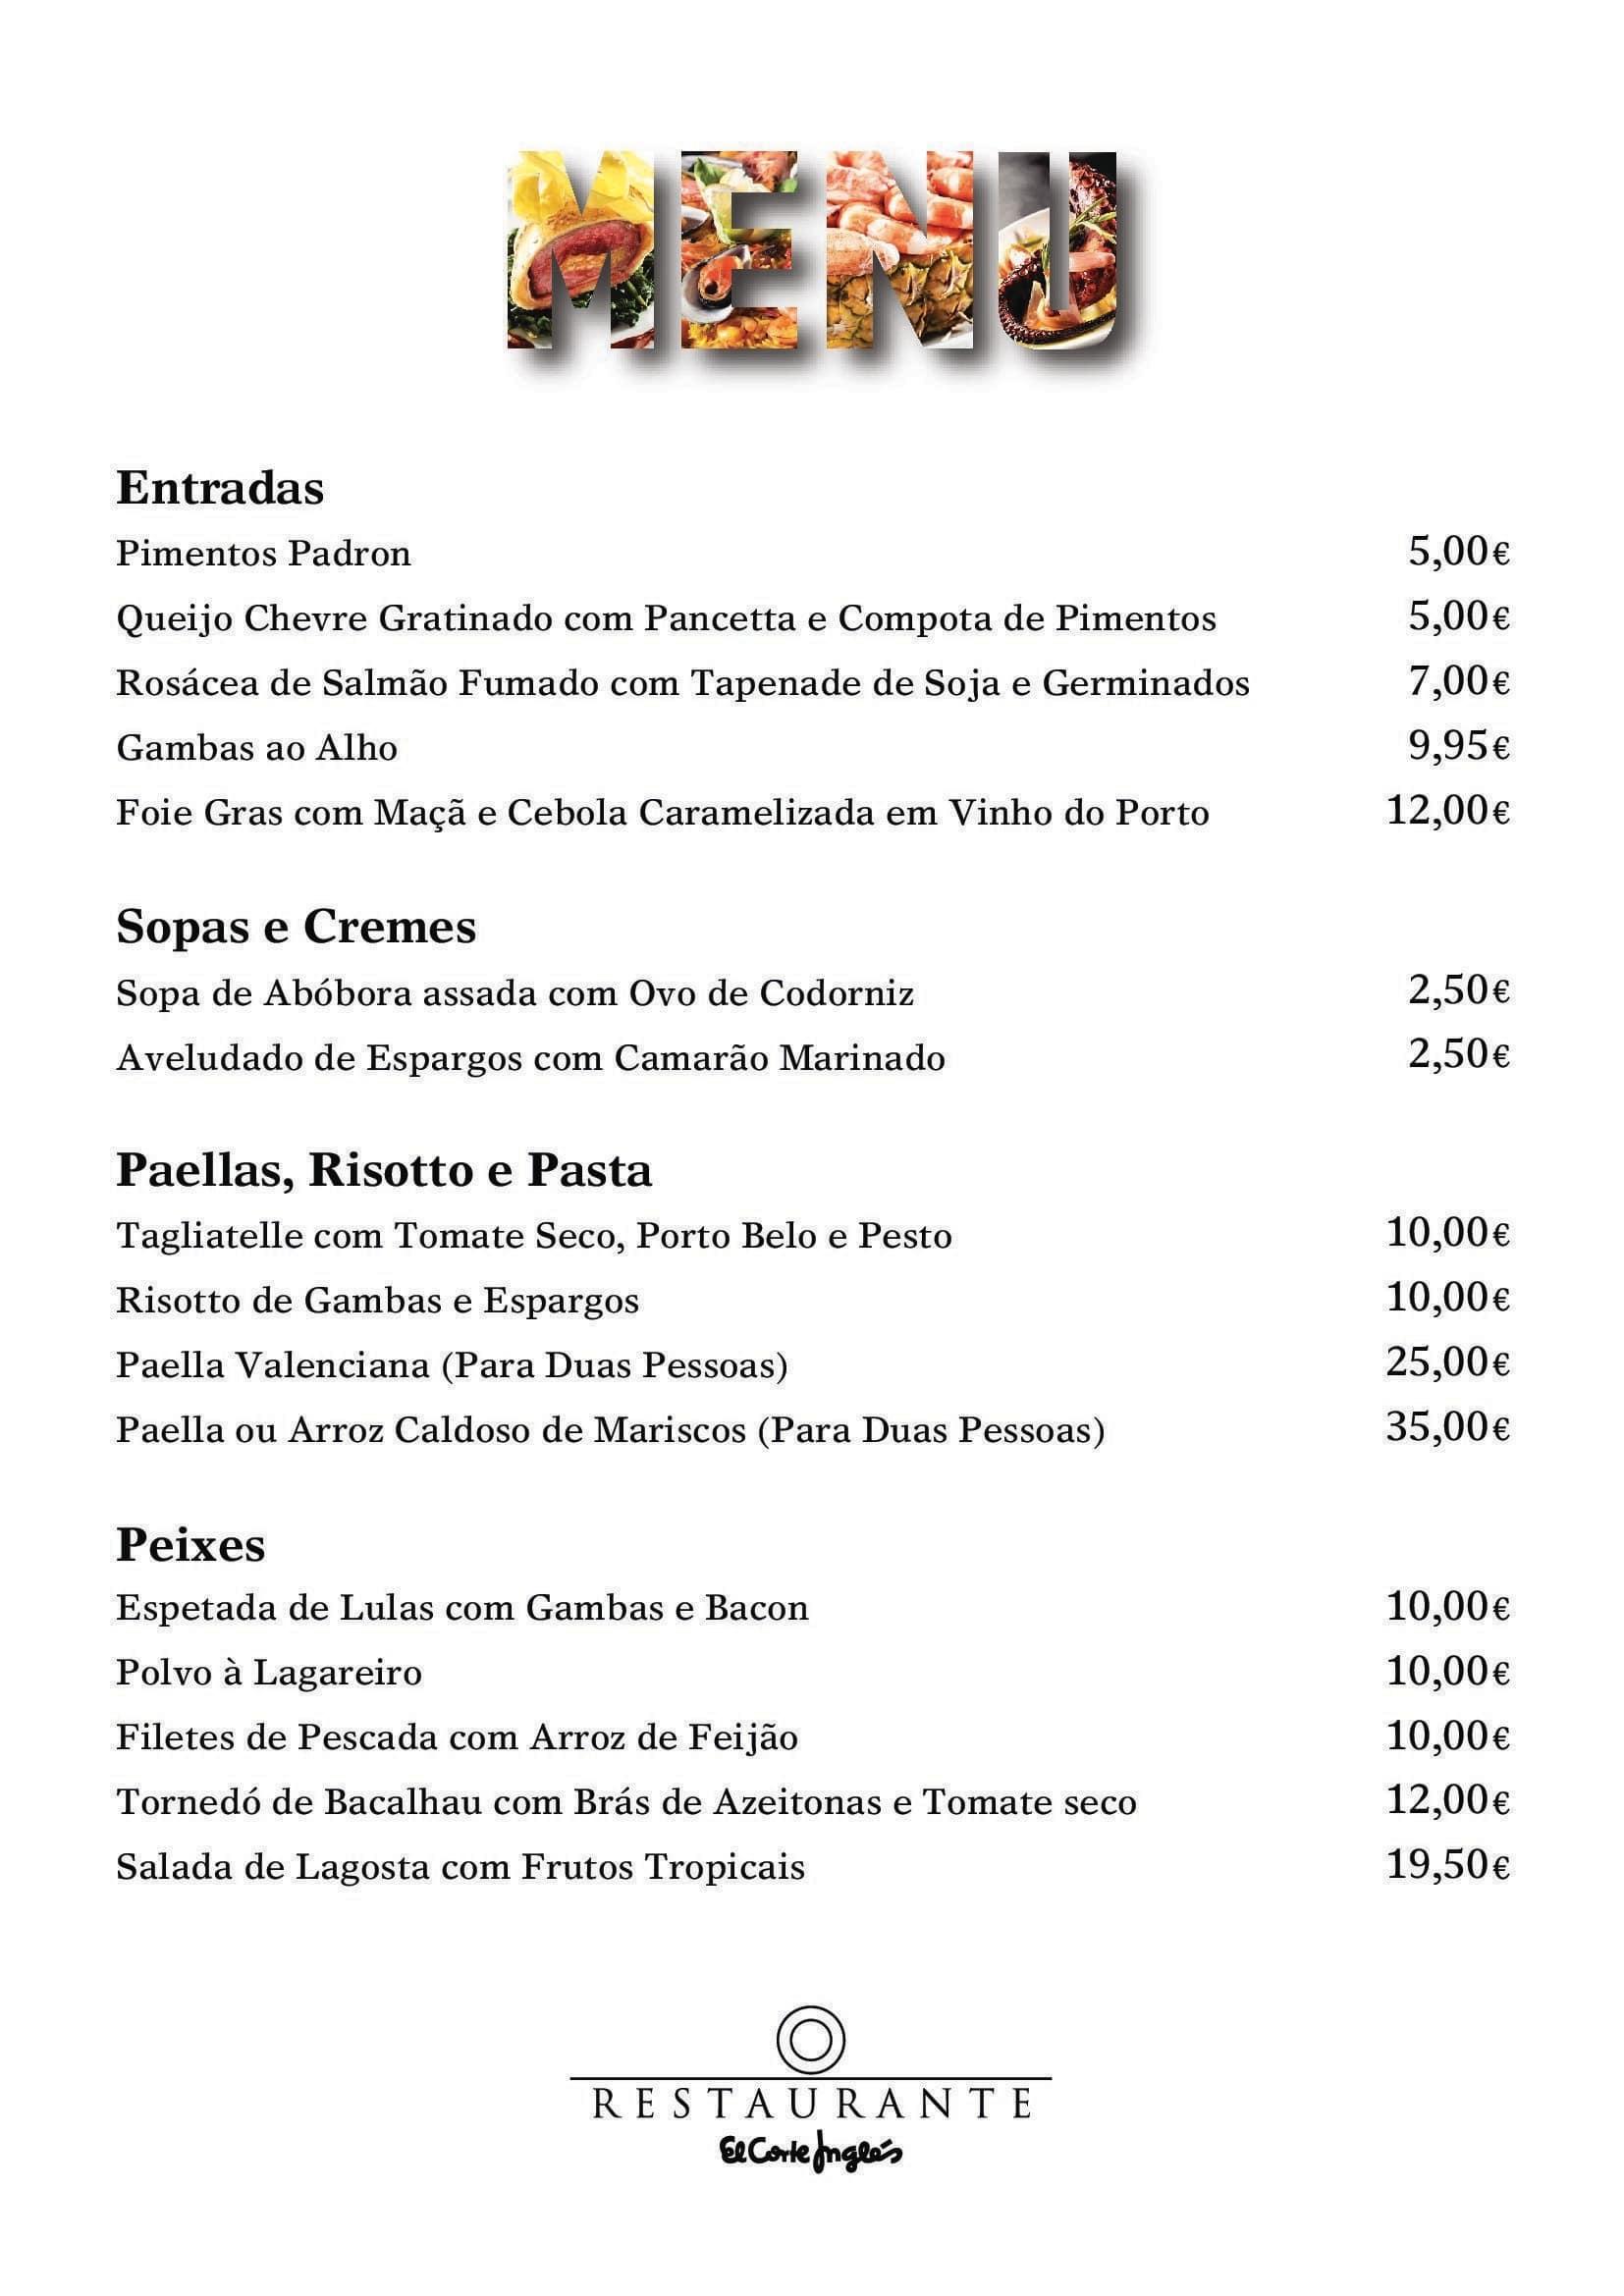 Restaurante el corte ingl s menu zomato portugal - Entradas elcorte ingles ...